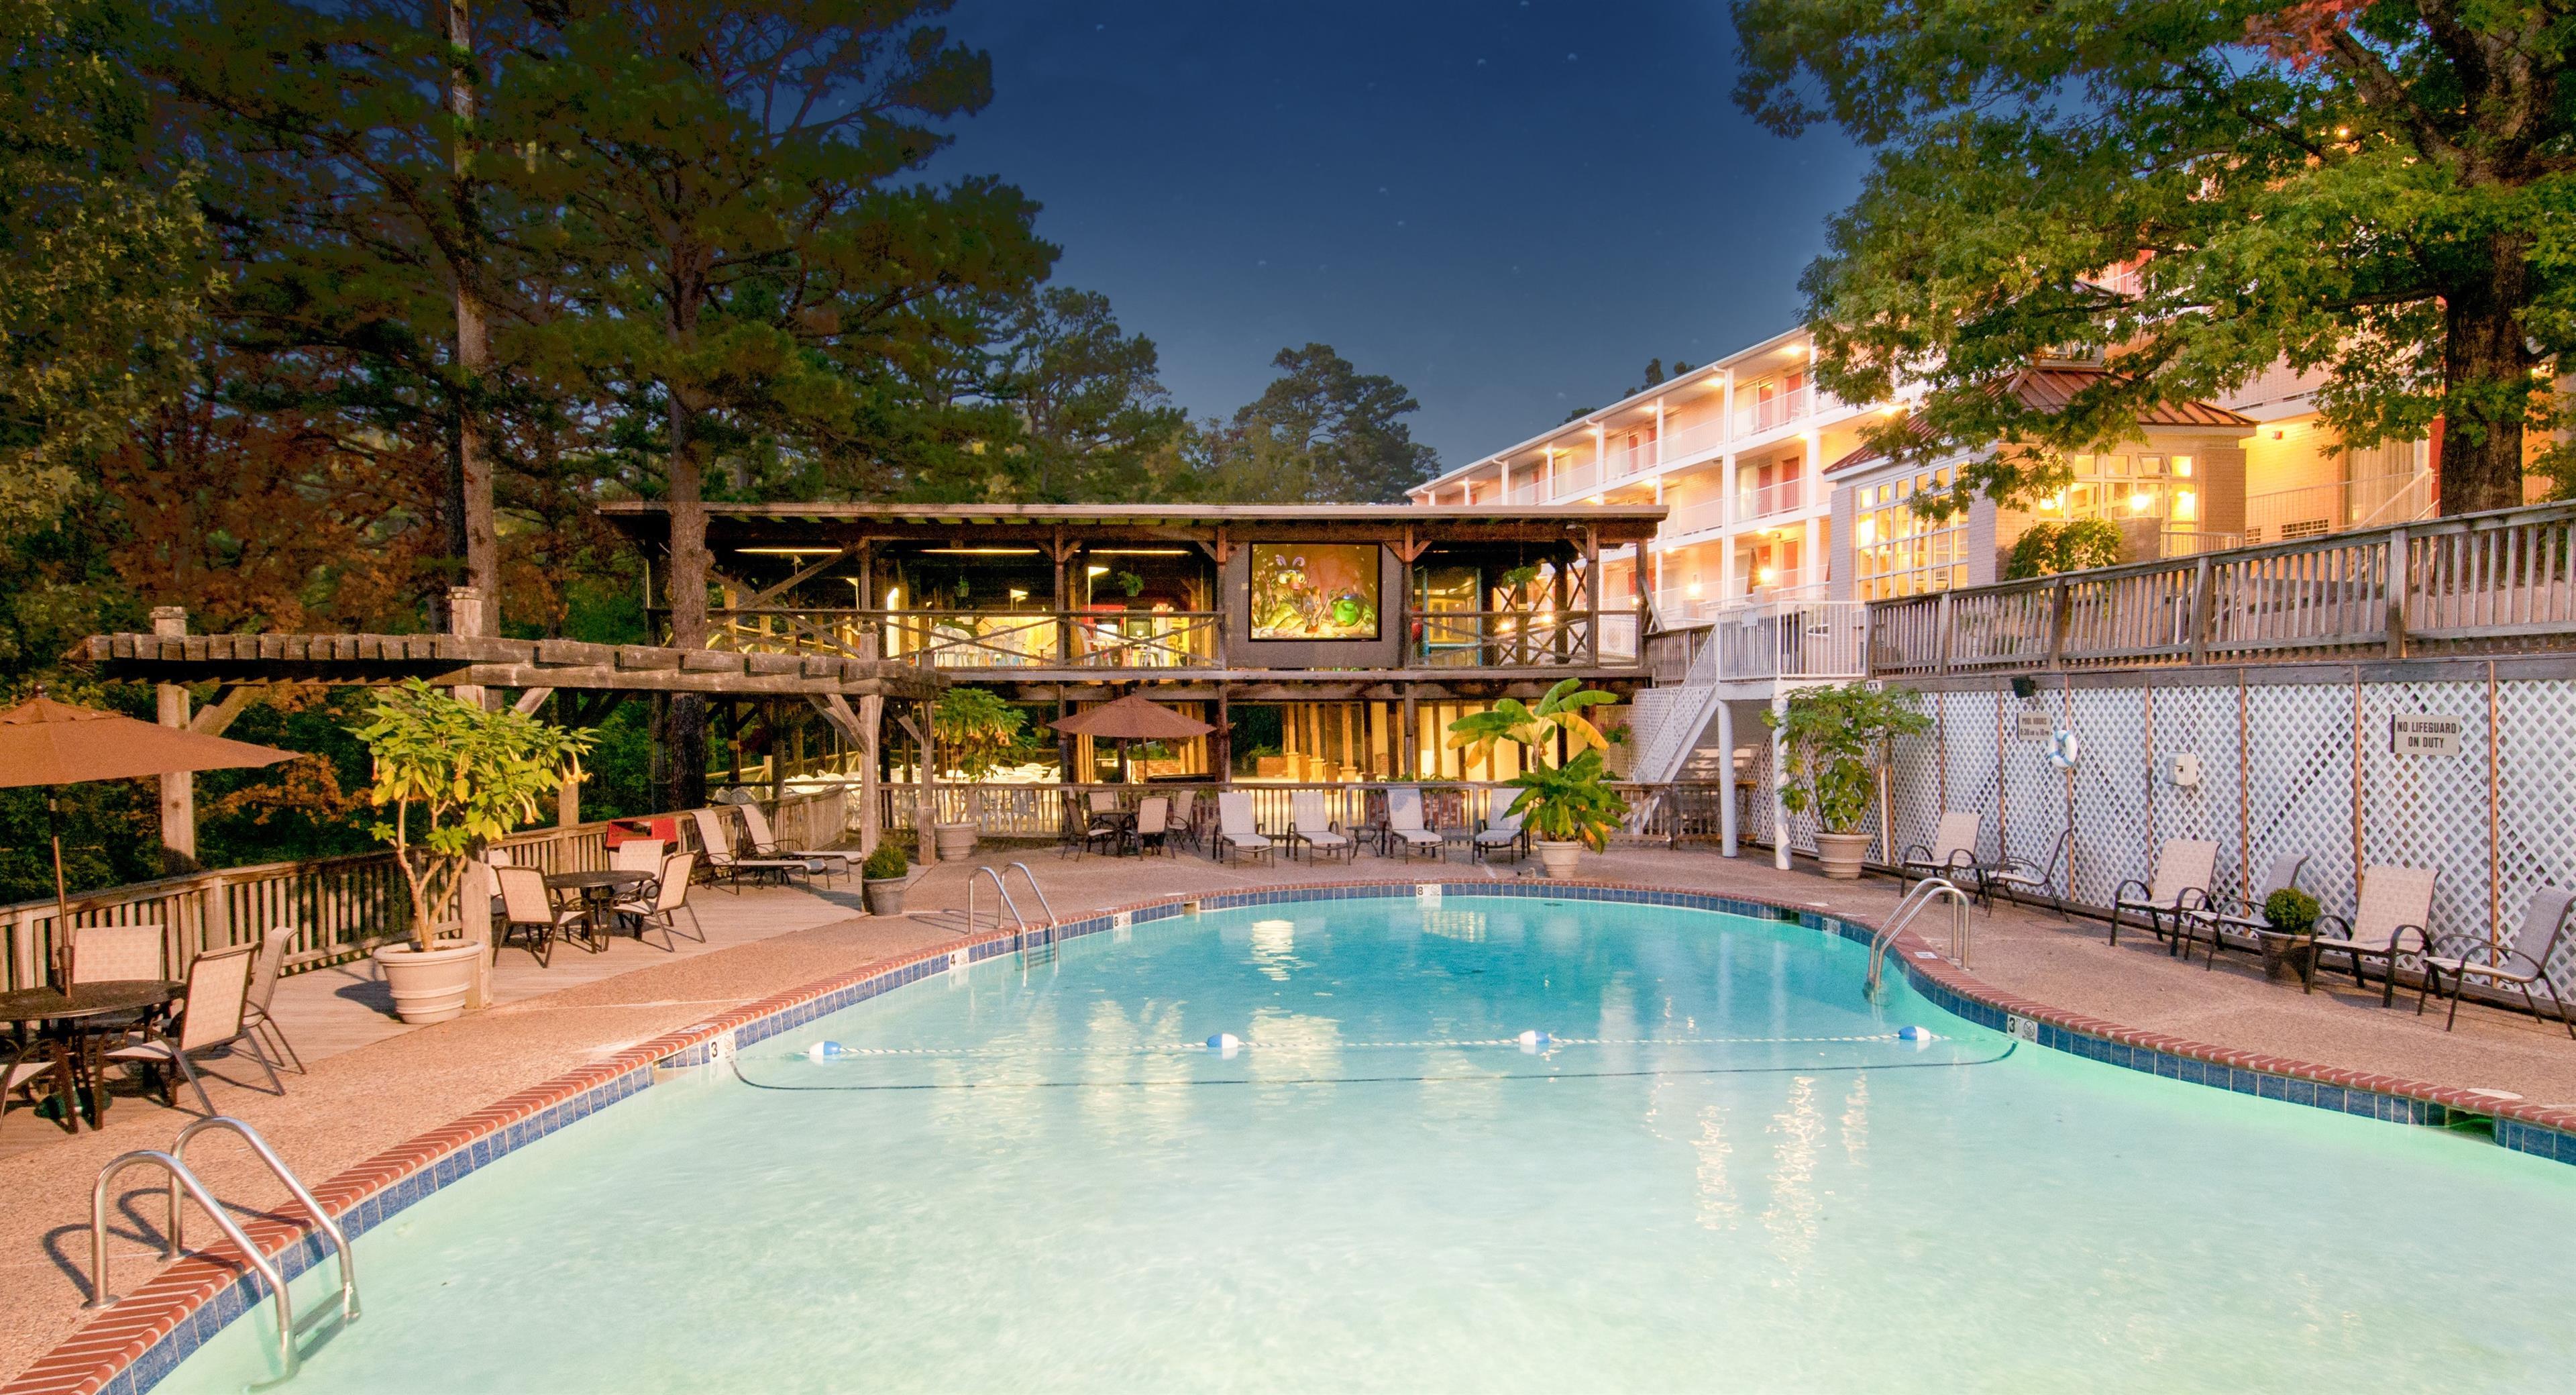 Best Western Inn Of The Ozarks, Eureka Springs AR